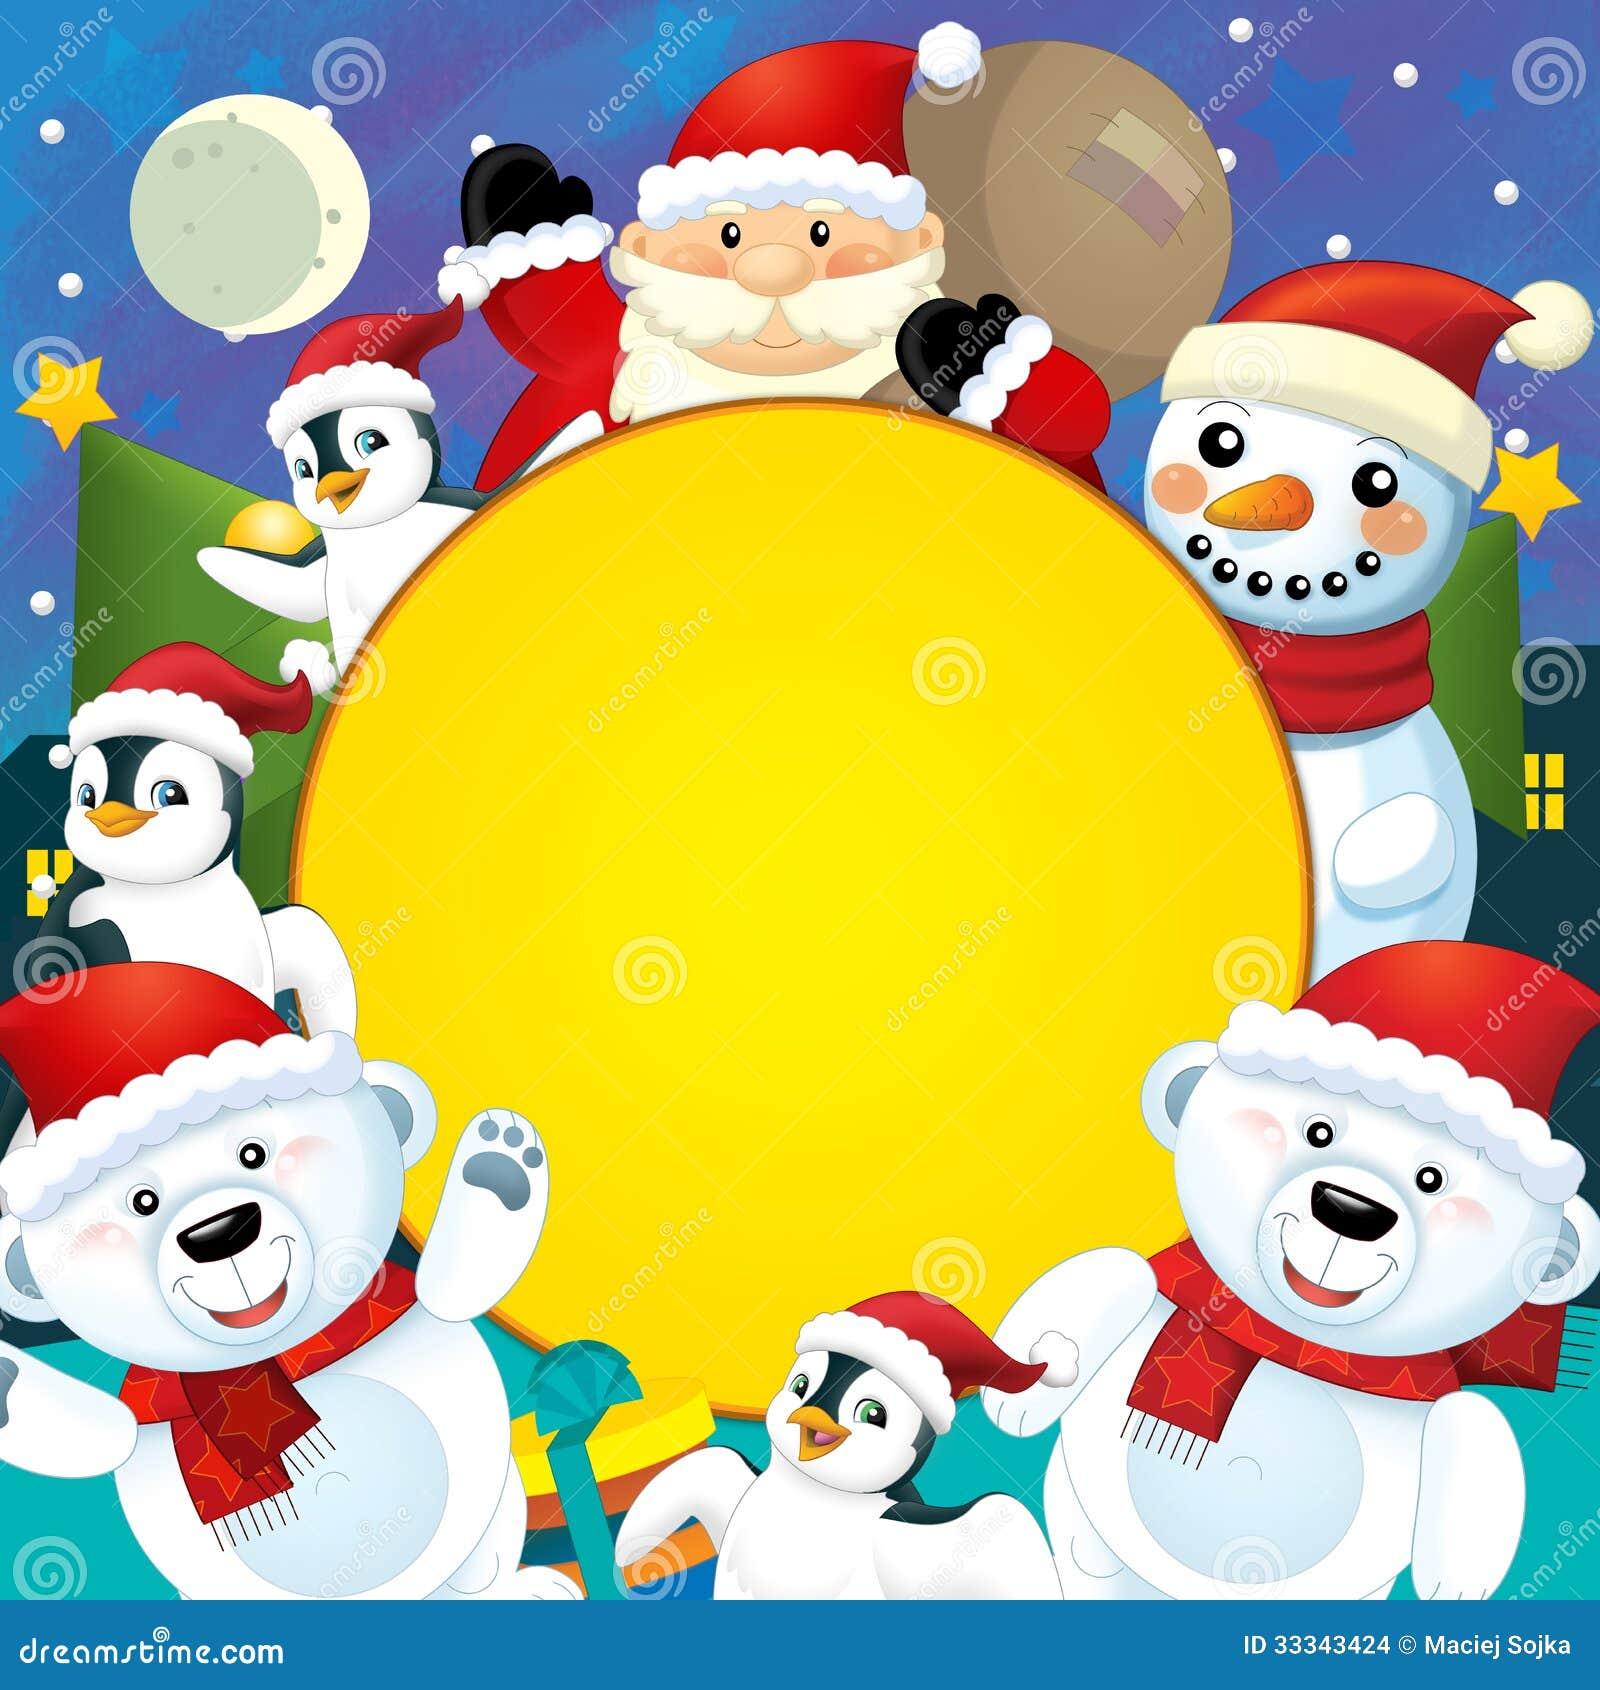 La navidad colorida tarjeta de felicitaci n ejemplo - Postales de navidad con fotos de ninos ...